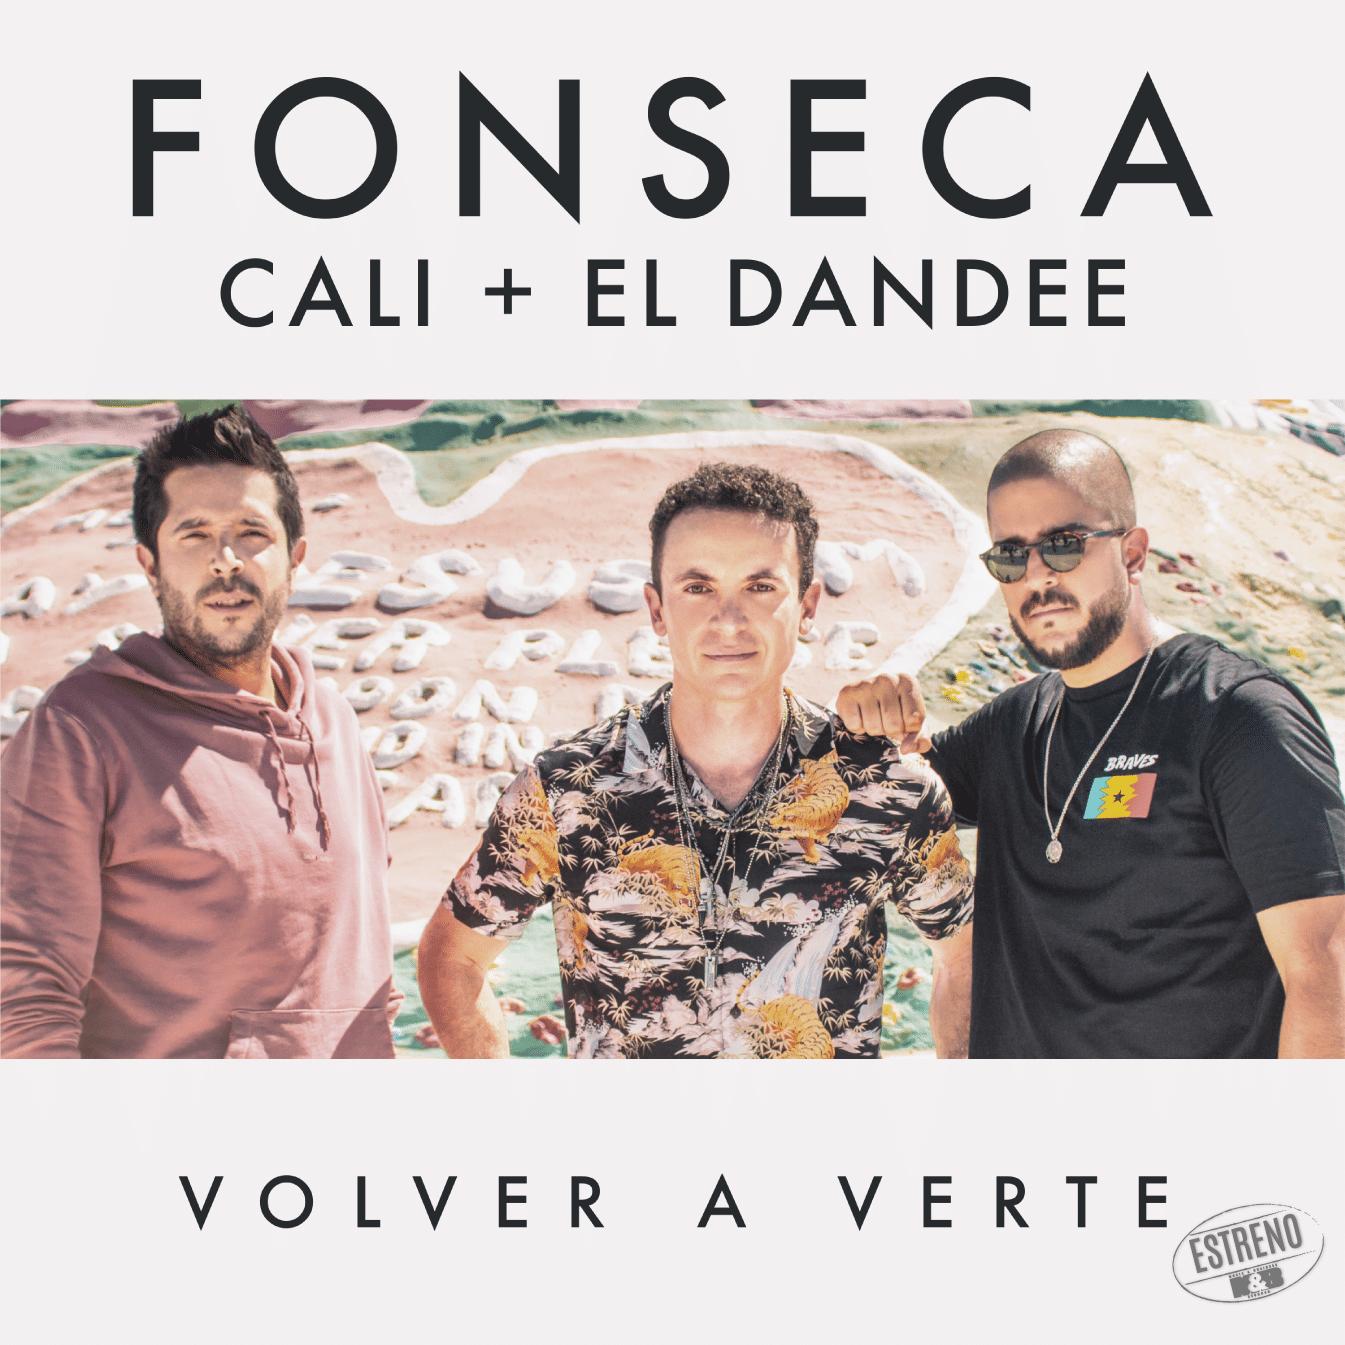 """""""VOLVER A VERTE"""" Fonseca feat Cali & El Dandee"""